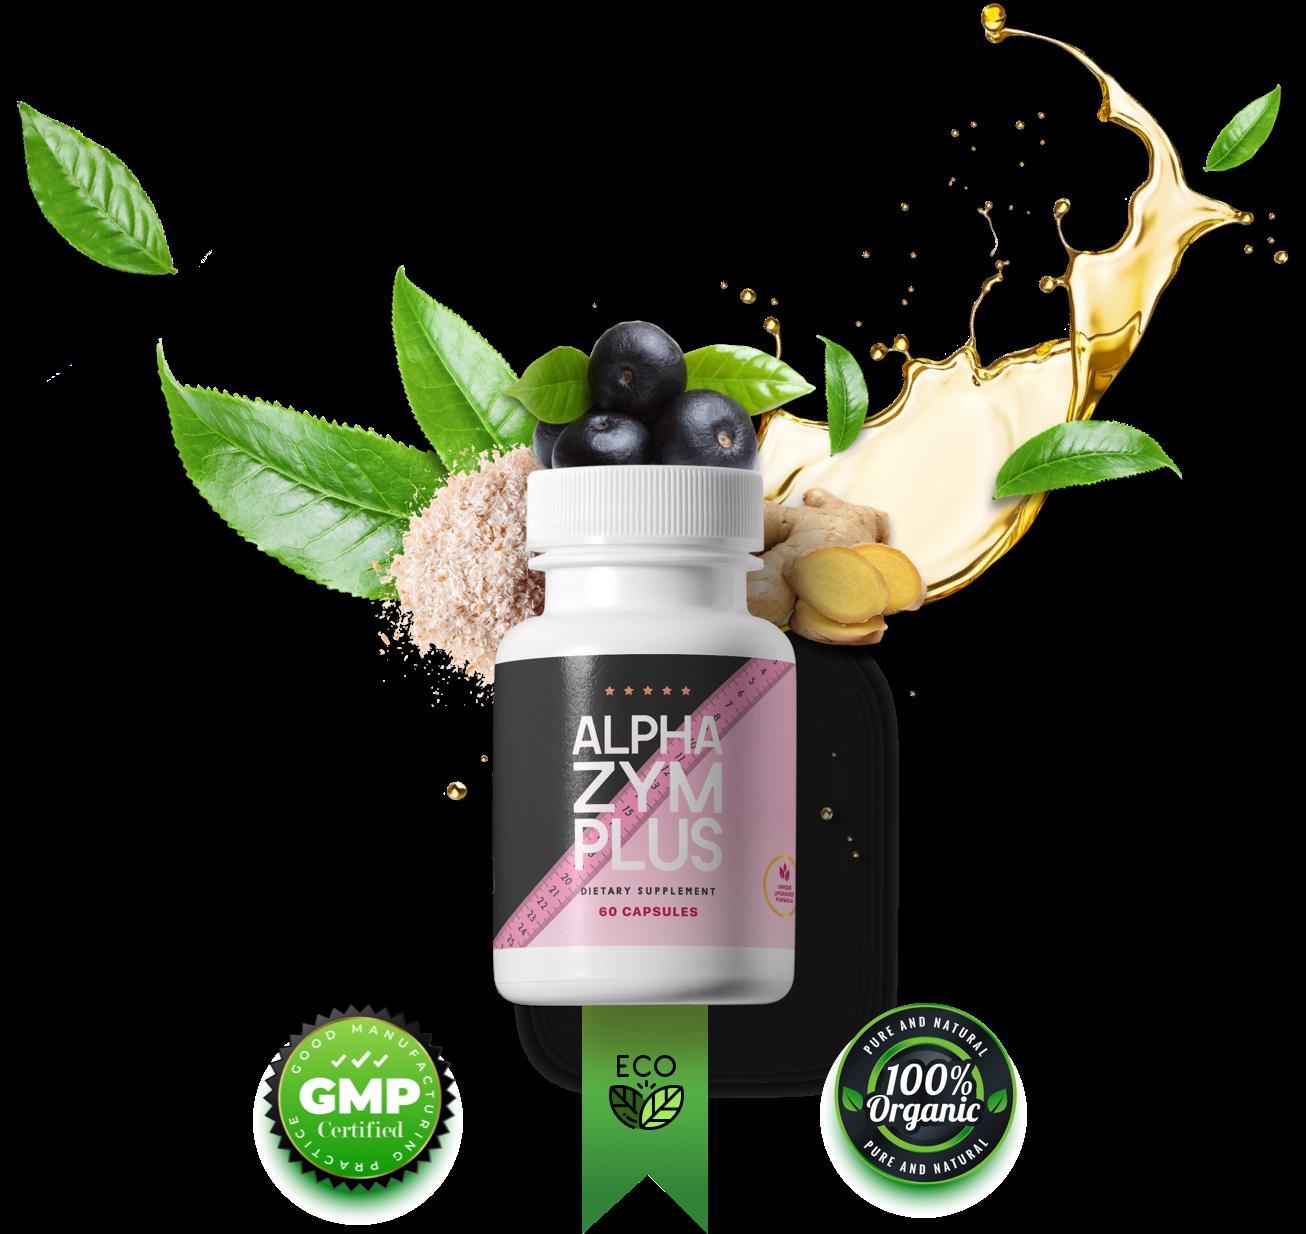 AlphaZym Plus Supplement Review